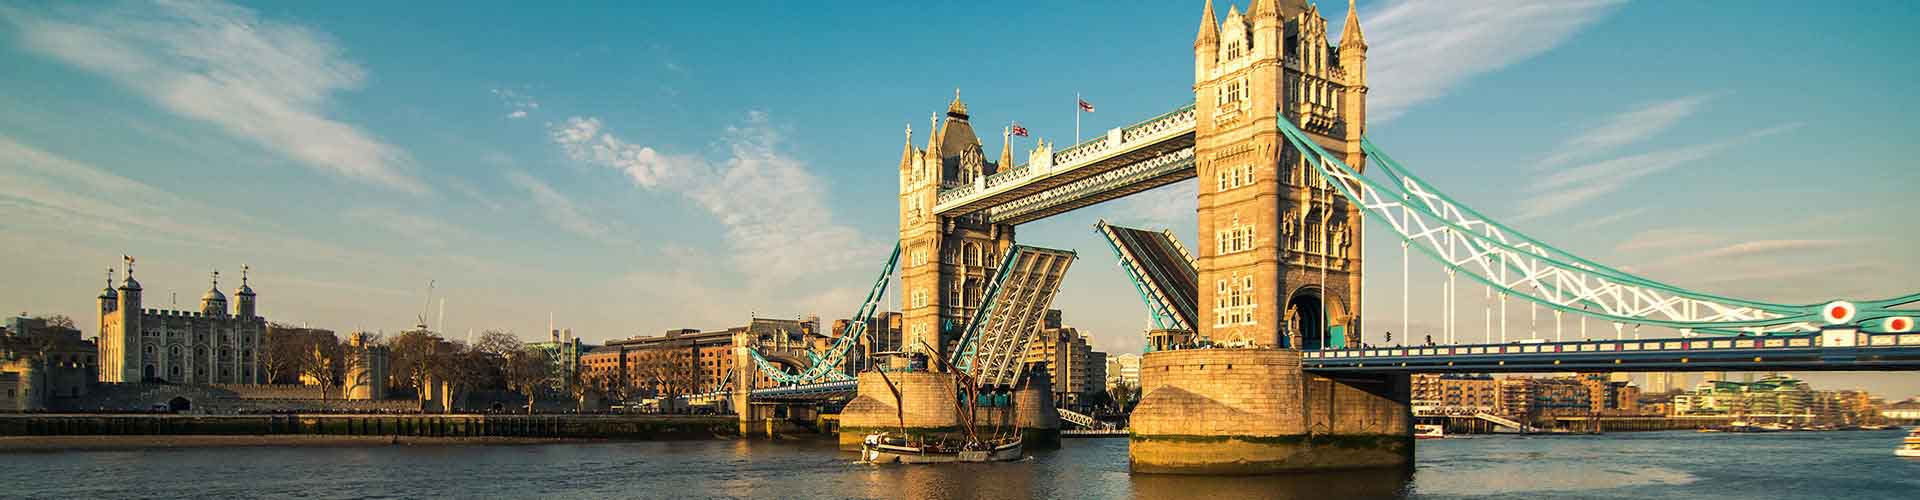 Londýn - Hostelů v blízkosti Tower Bridge. Mapy pro Londýn, fotky a recenze pro každý hostel v Londýn.